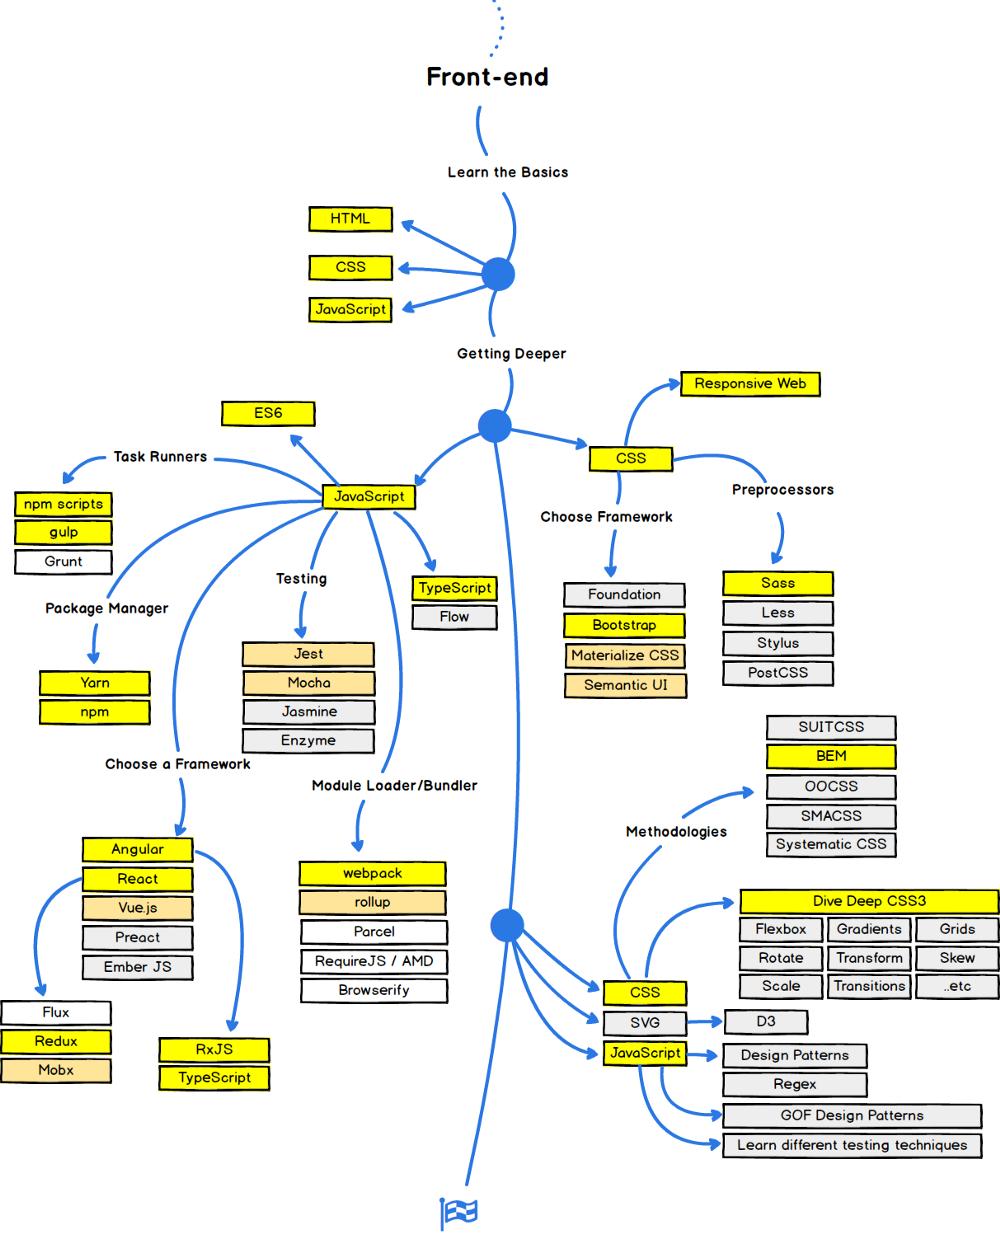 خارطة الطريق لمطور الويب في 2018 (لكل من المبرمج والمصمم)